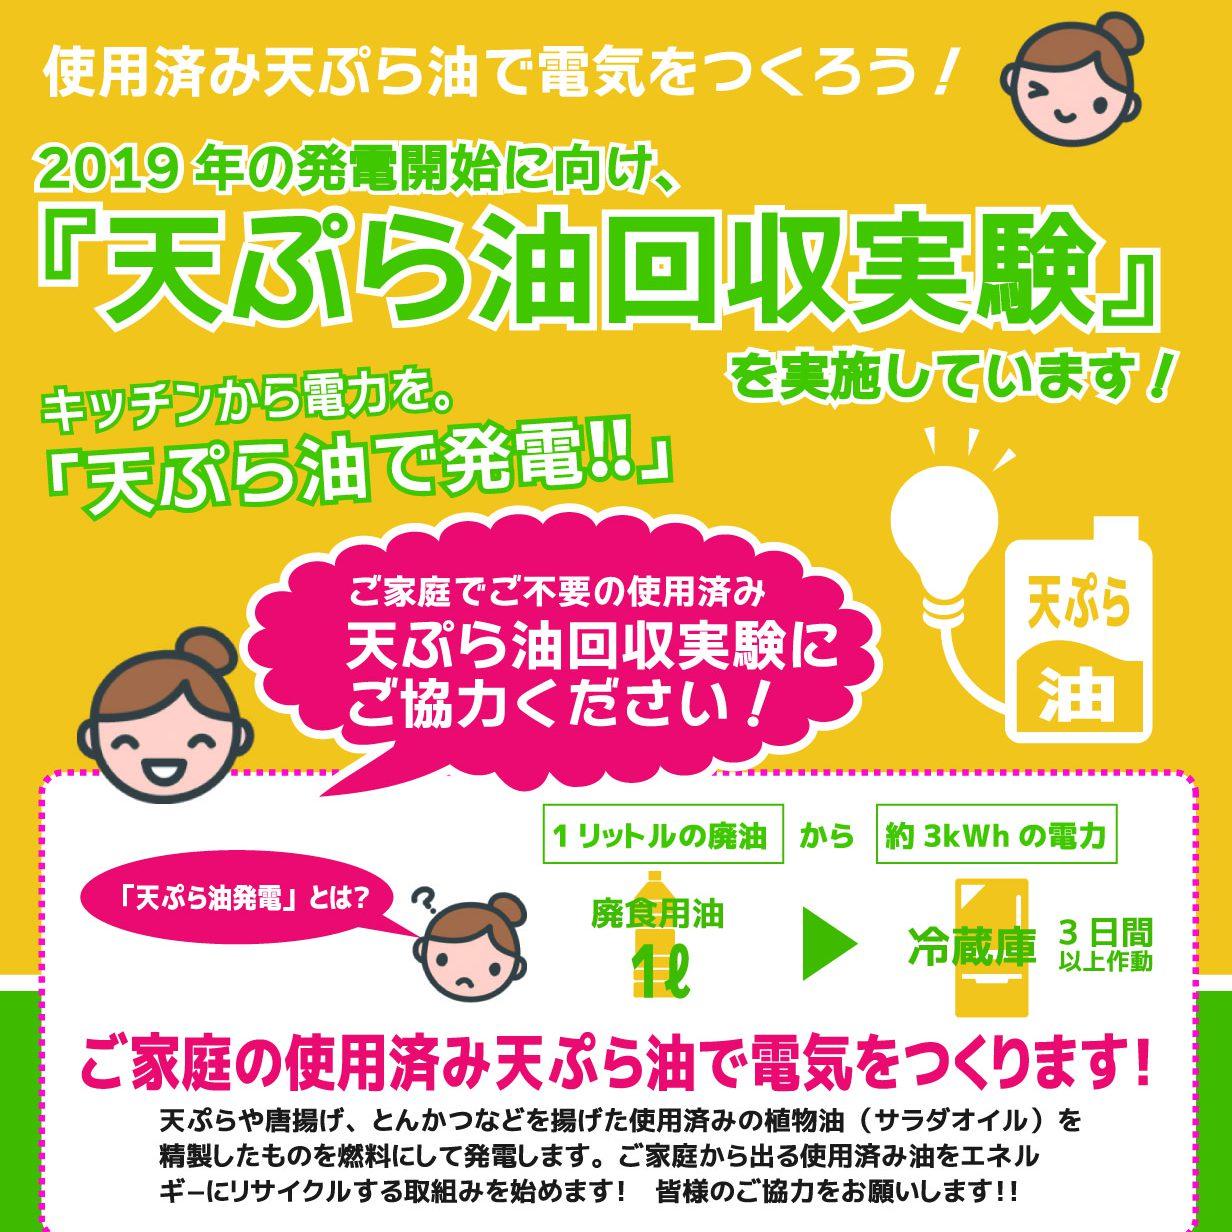 【お知らせ】「天ぷら油回収実験」にご協力ください!